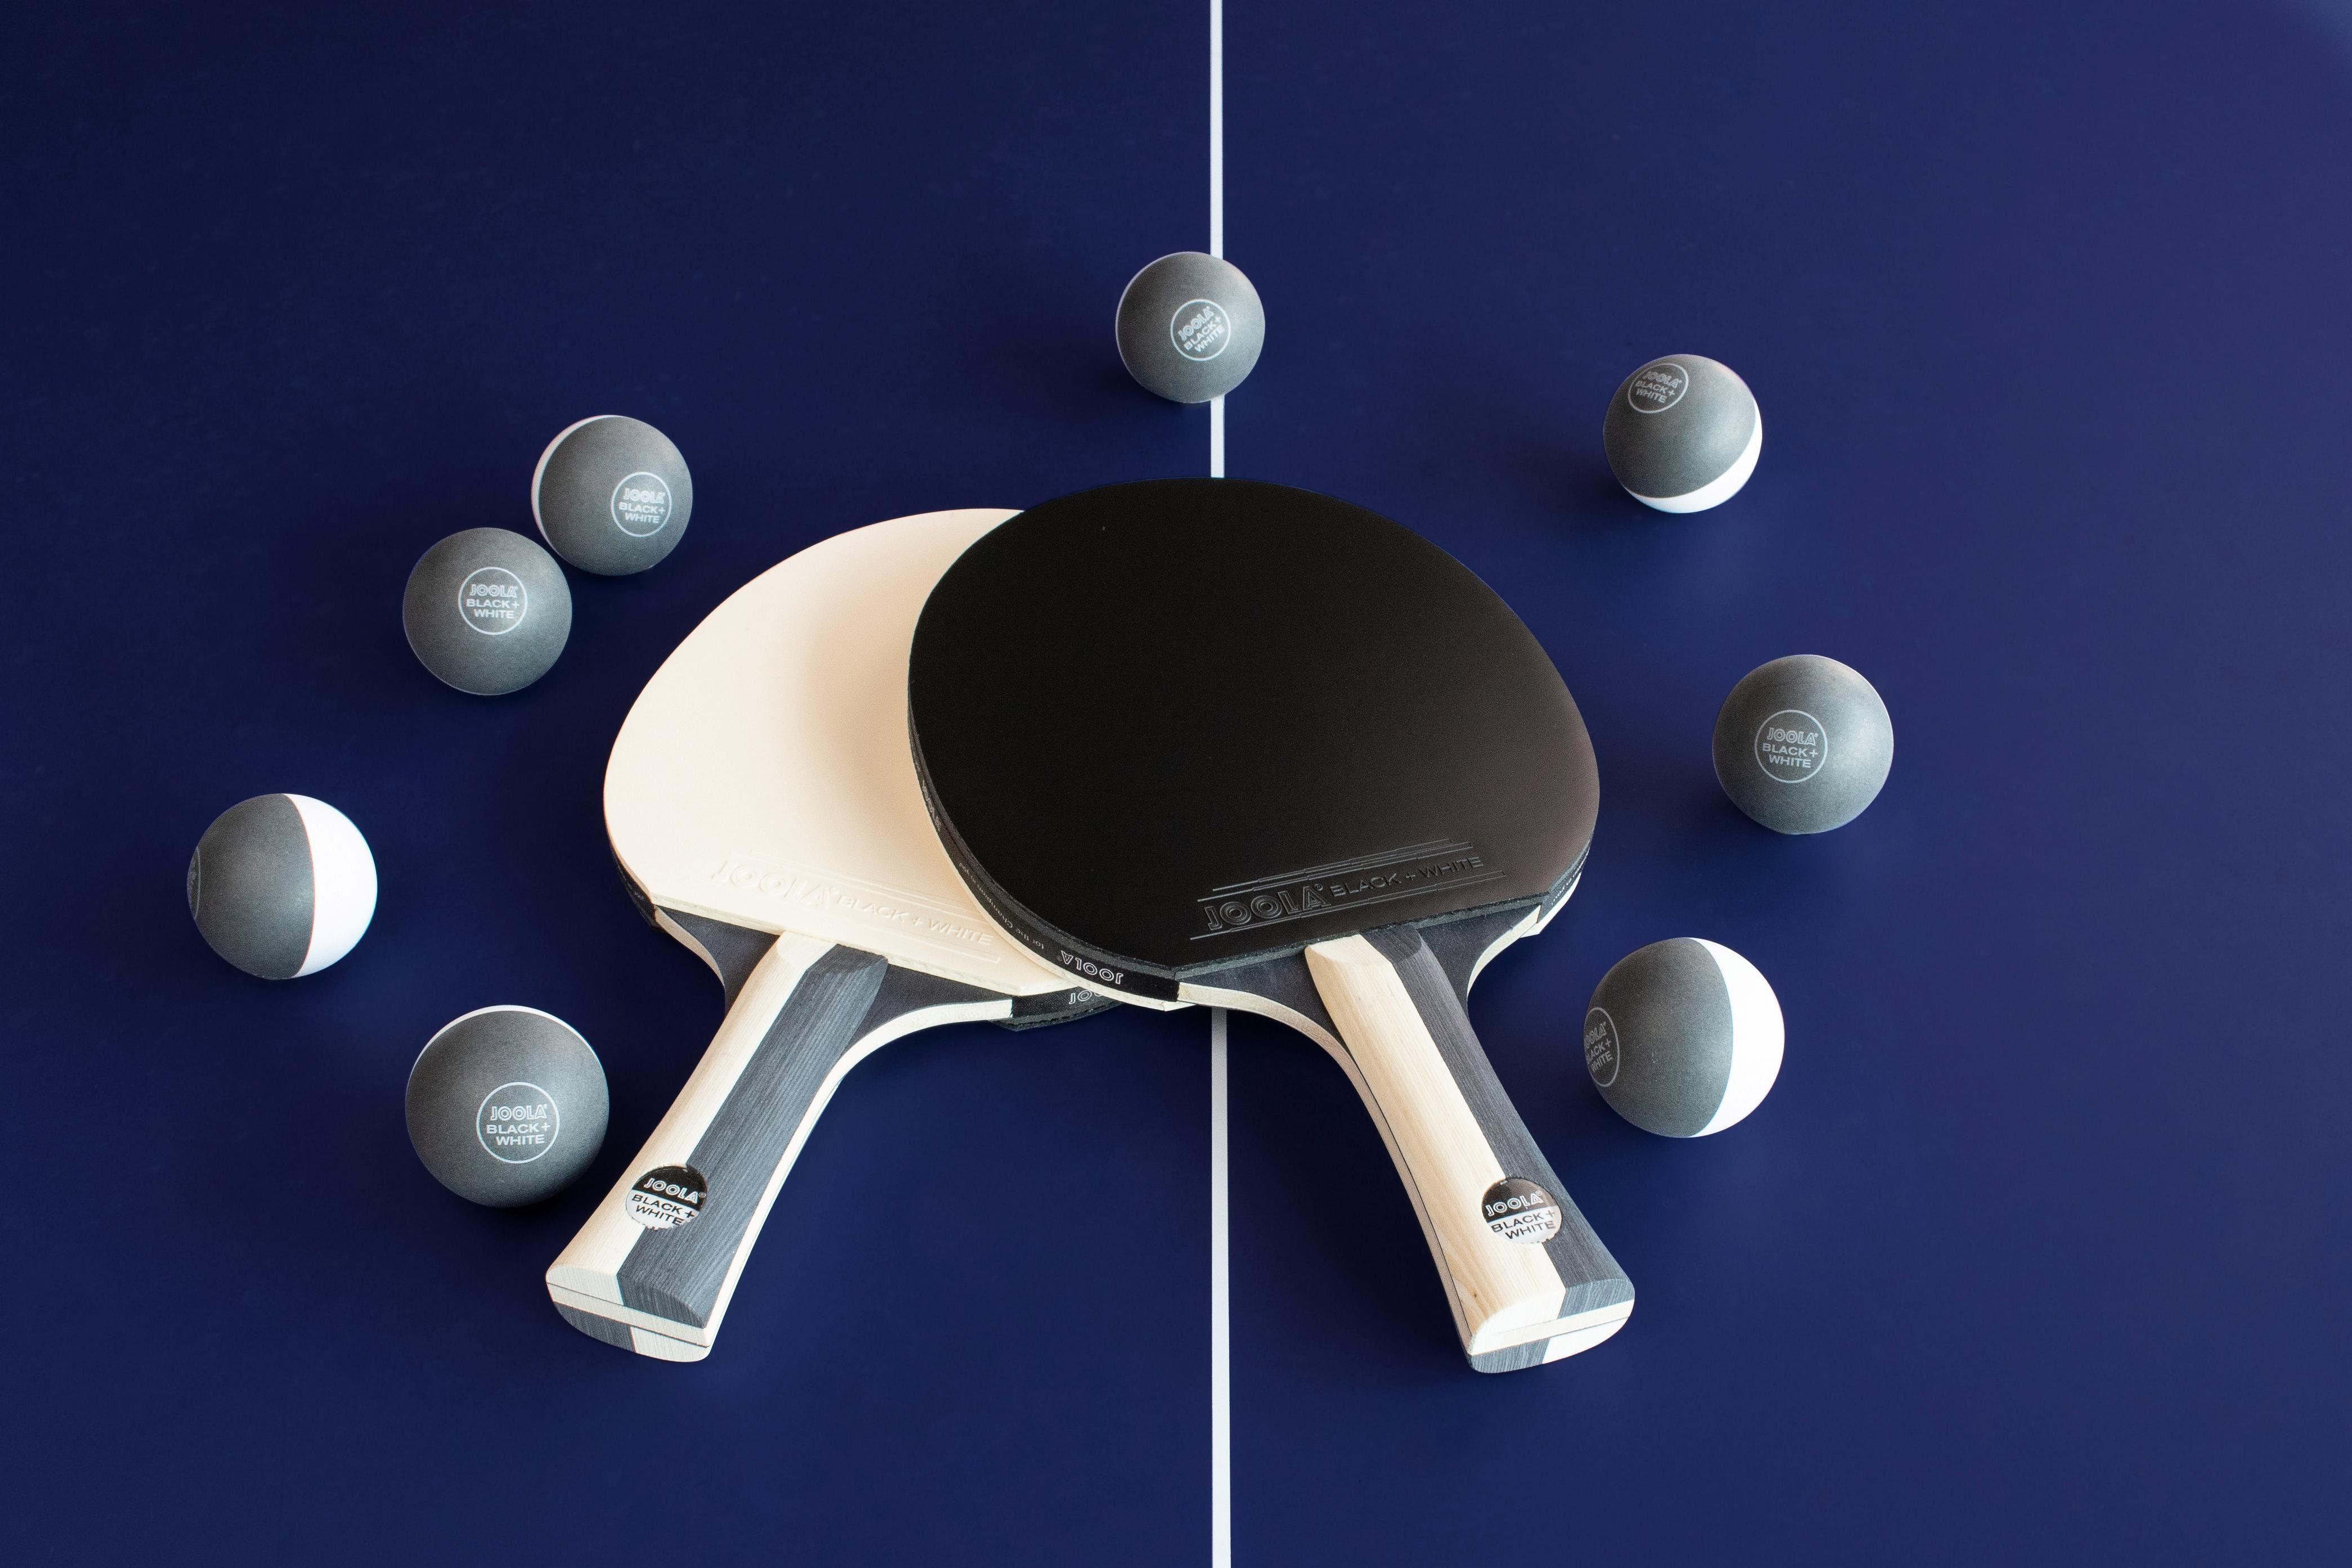 Joola Tischtennisschläger JOOLA Tischtennis-Set BLACK + WHITE (Set 10-tlg mit Bällen) Technik & Freizeit/Sport & Freizeit/Sportarten/Tischtennis/Tischtennis-Ausrüstung